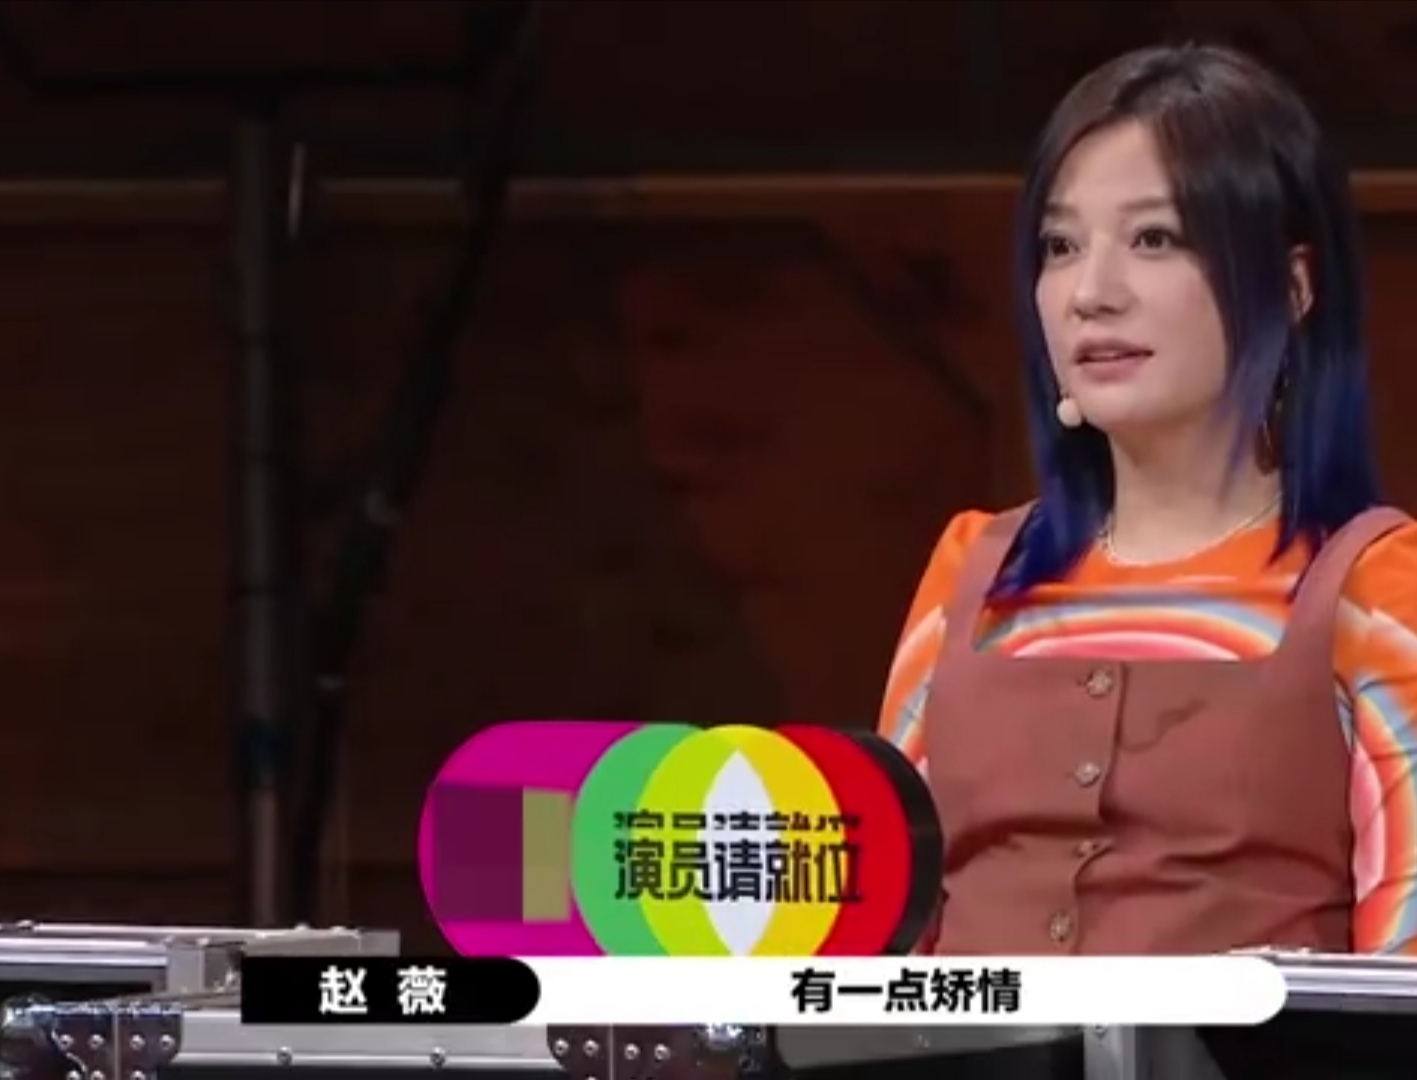 赵薇好敢说!痛批台上哭泣女演员矫情:台下的戏比台上还足